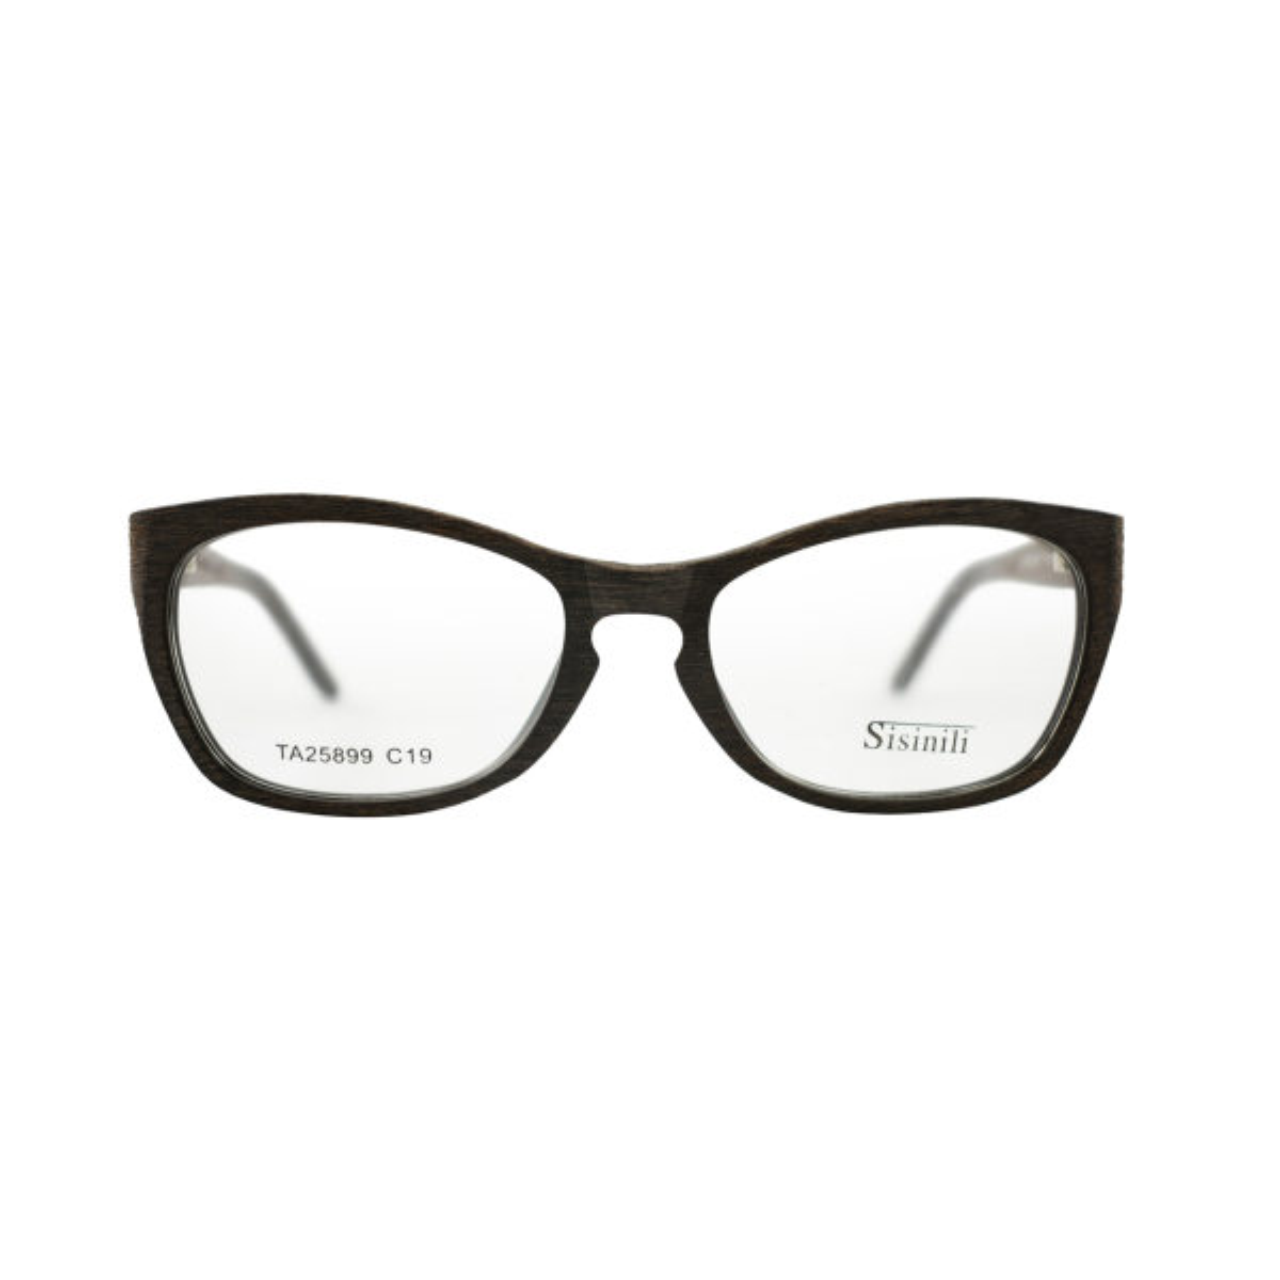 فریم عینک طبی زنانه سیسینیلی مدل TA25899